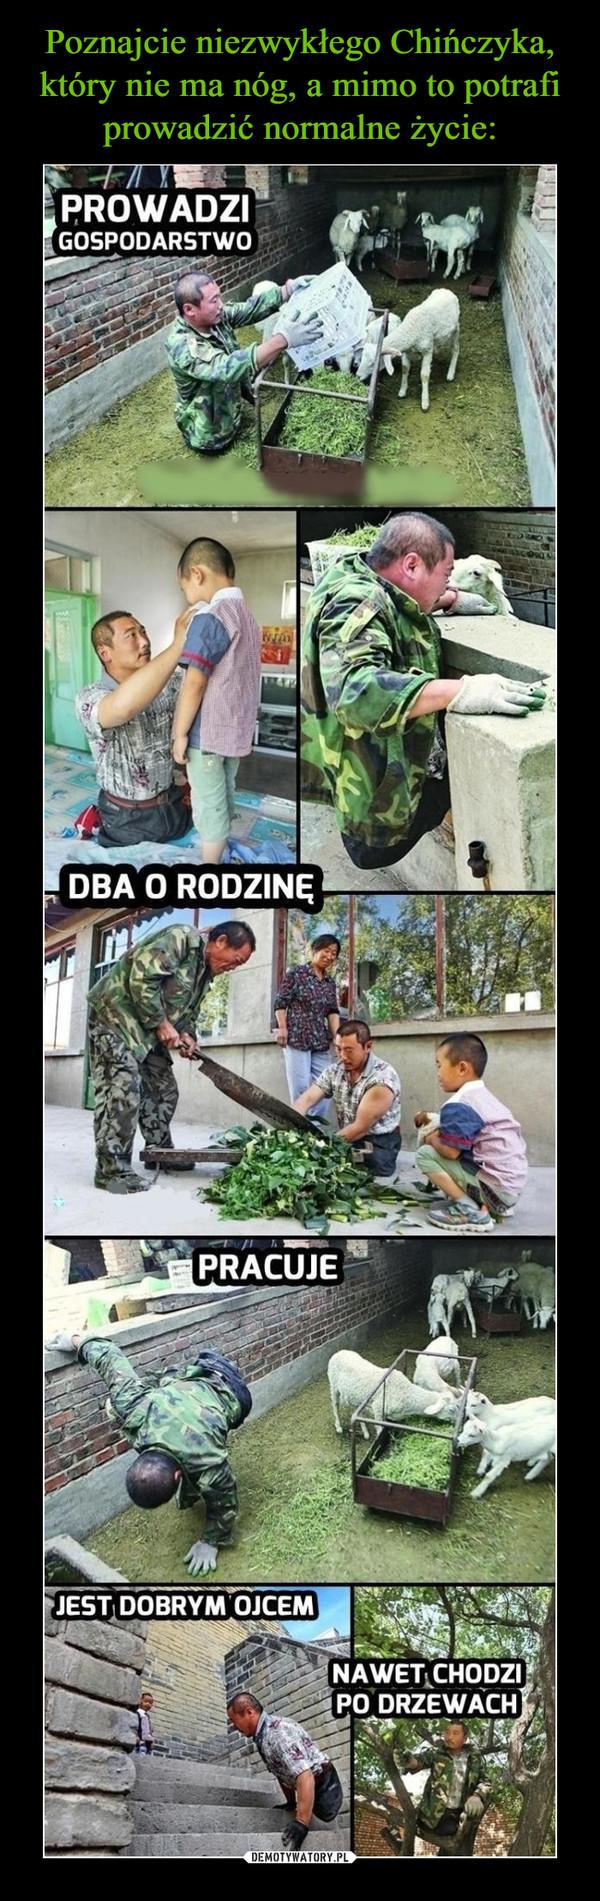 –  Prowadzi gospodarstwo dba o rodzinę pracuje jest dobrym ojcem nawet chodzi po drzewach